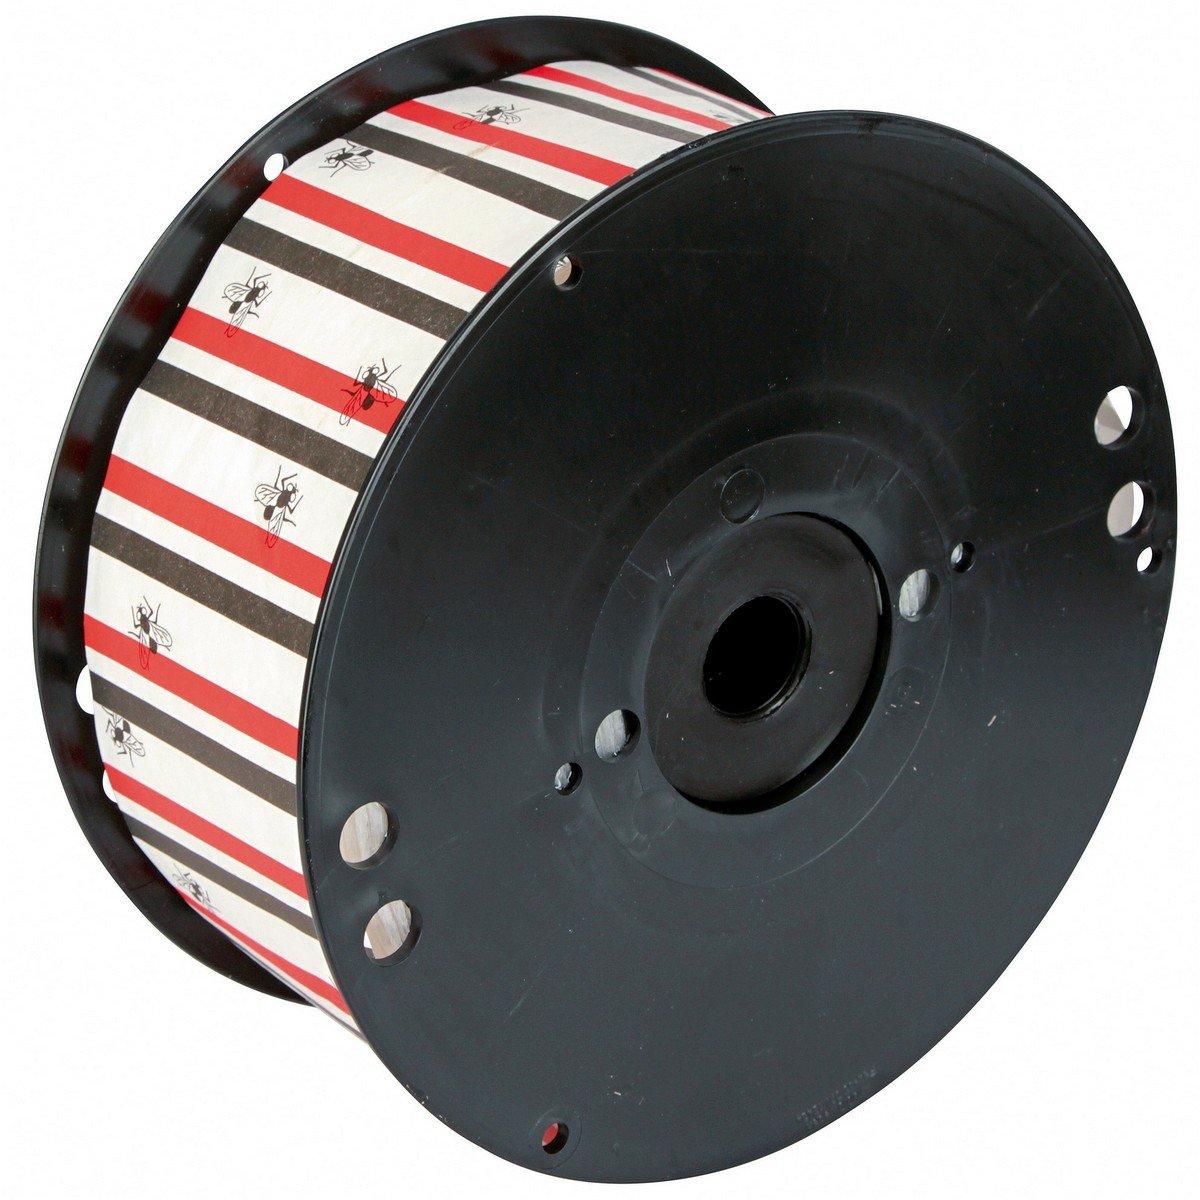 Abbildung von Kerbl Anbindering zum Schrauben, zu 1 St. verpackt Metall